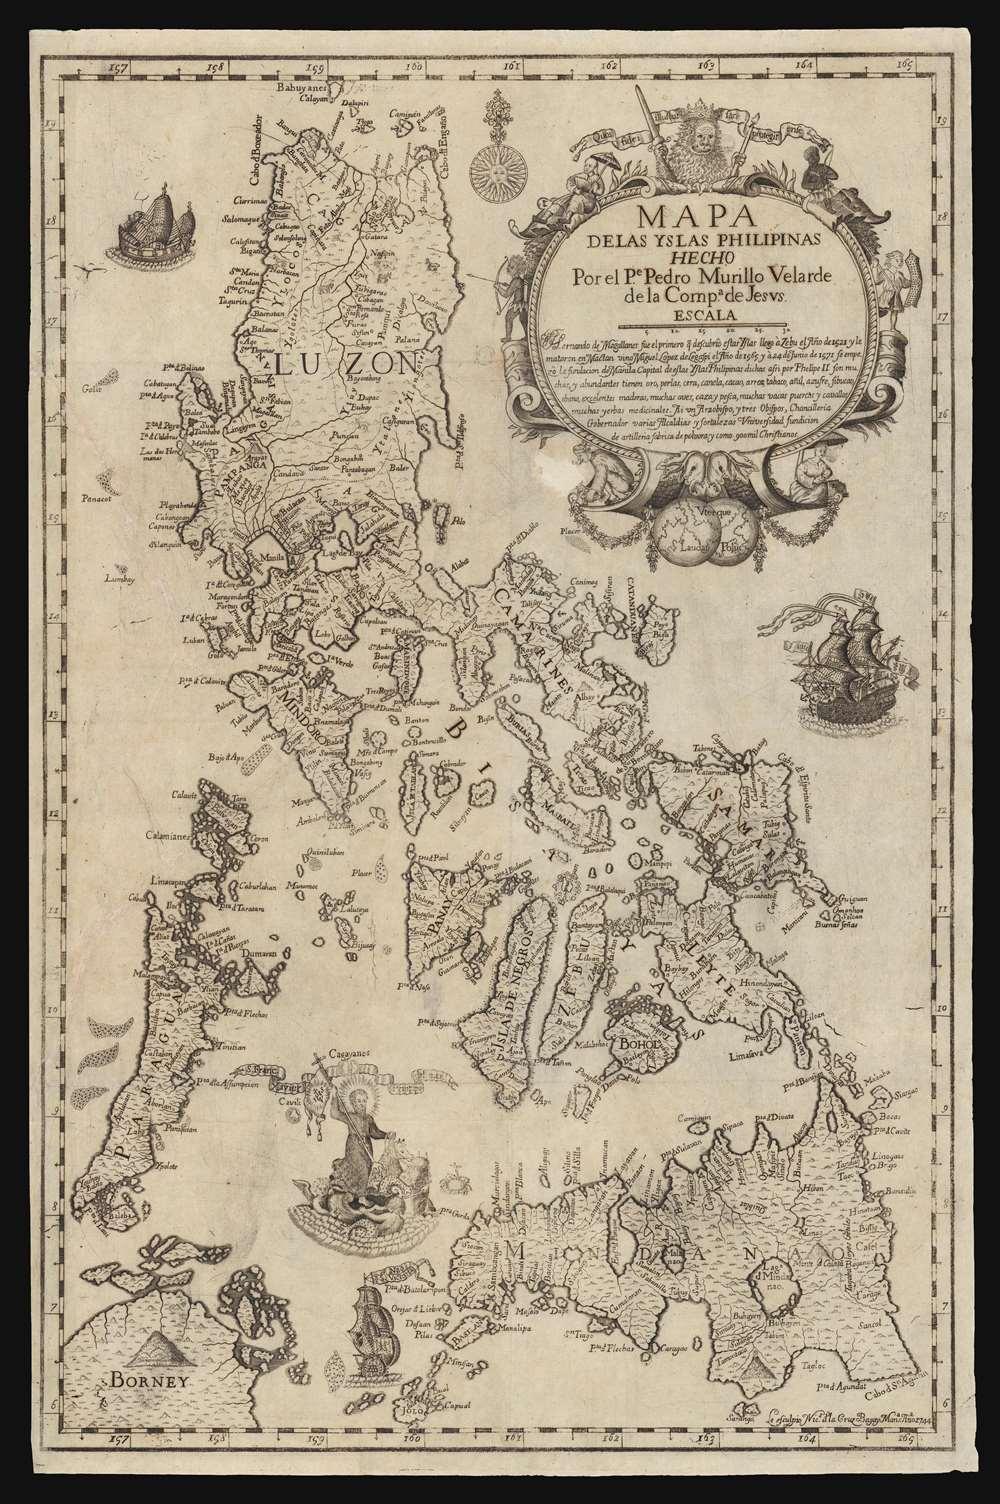 Mapa de Las Yslas Philipinas Hecho Por el Pe. Pedro Murillo Velarde de Compa. de Jesus. - Alternate View 1